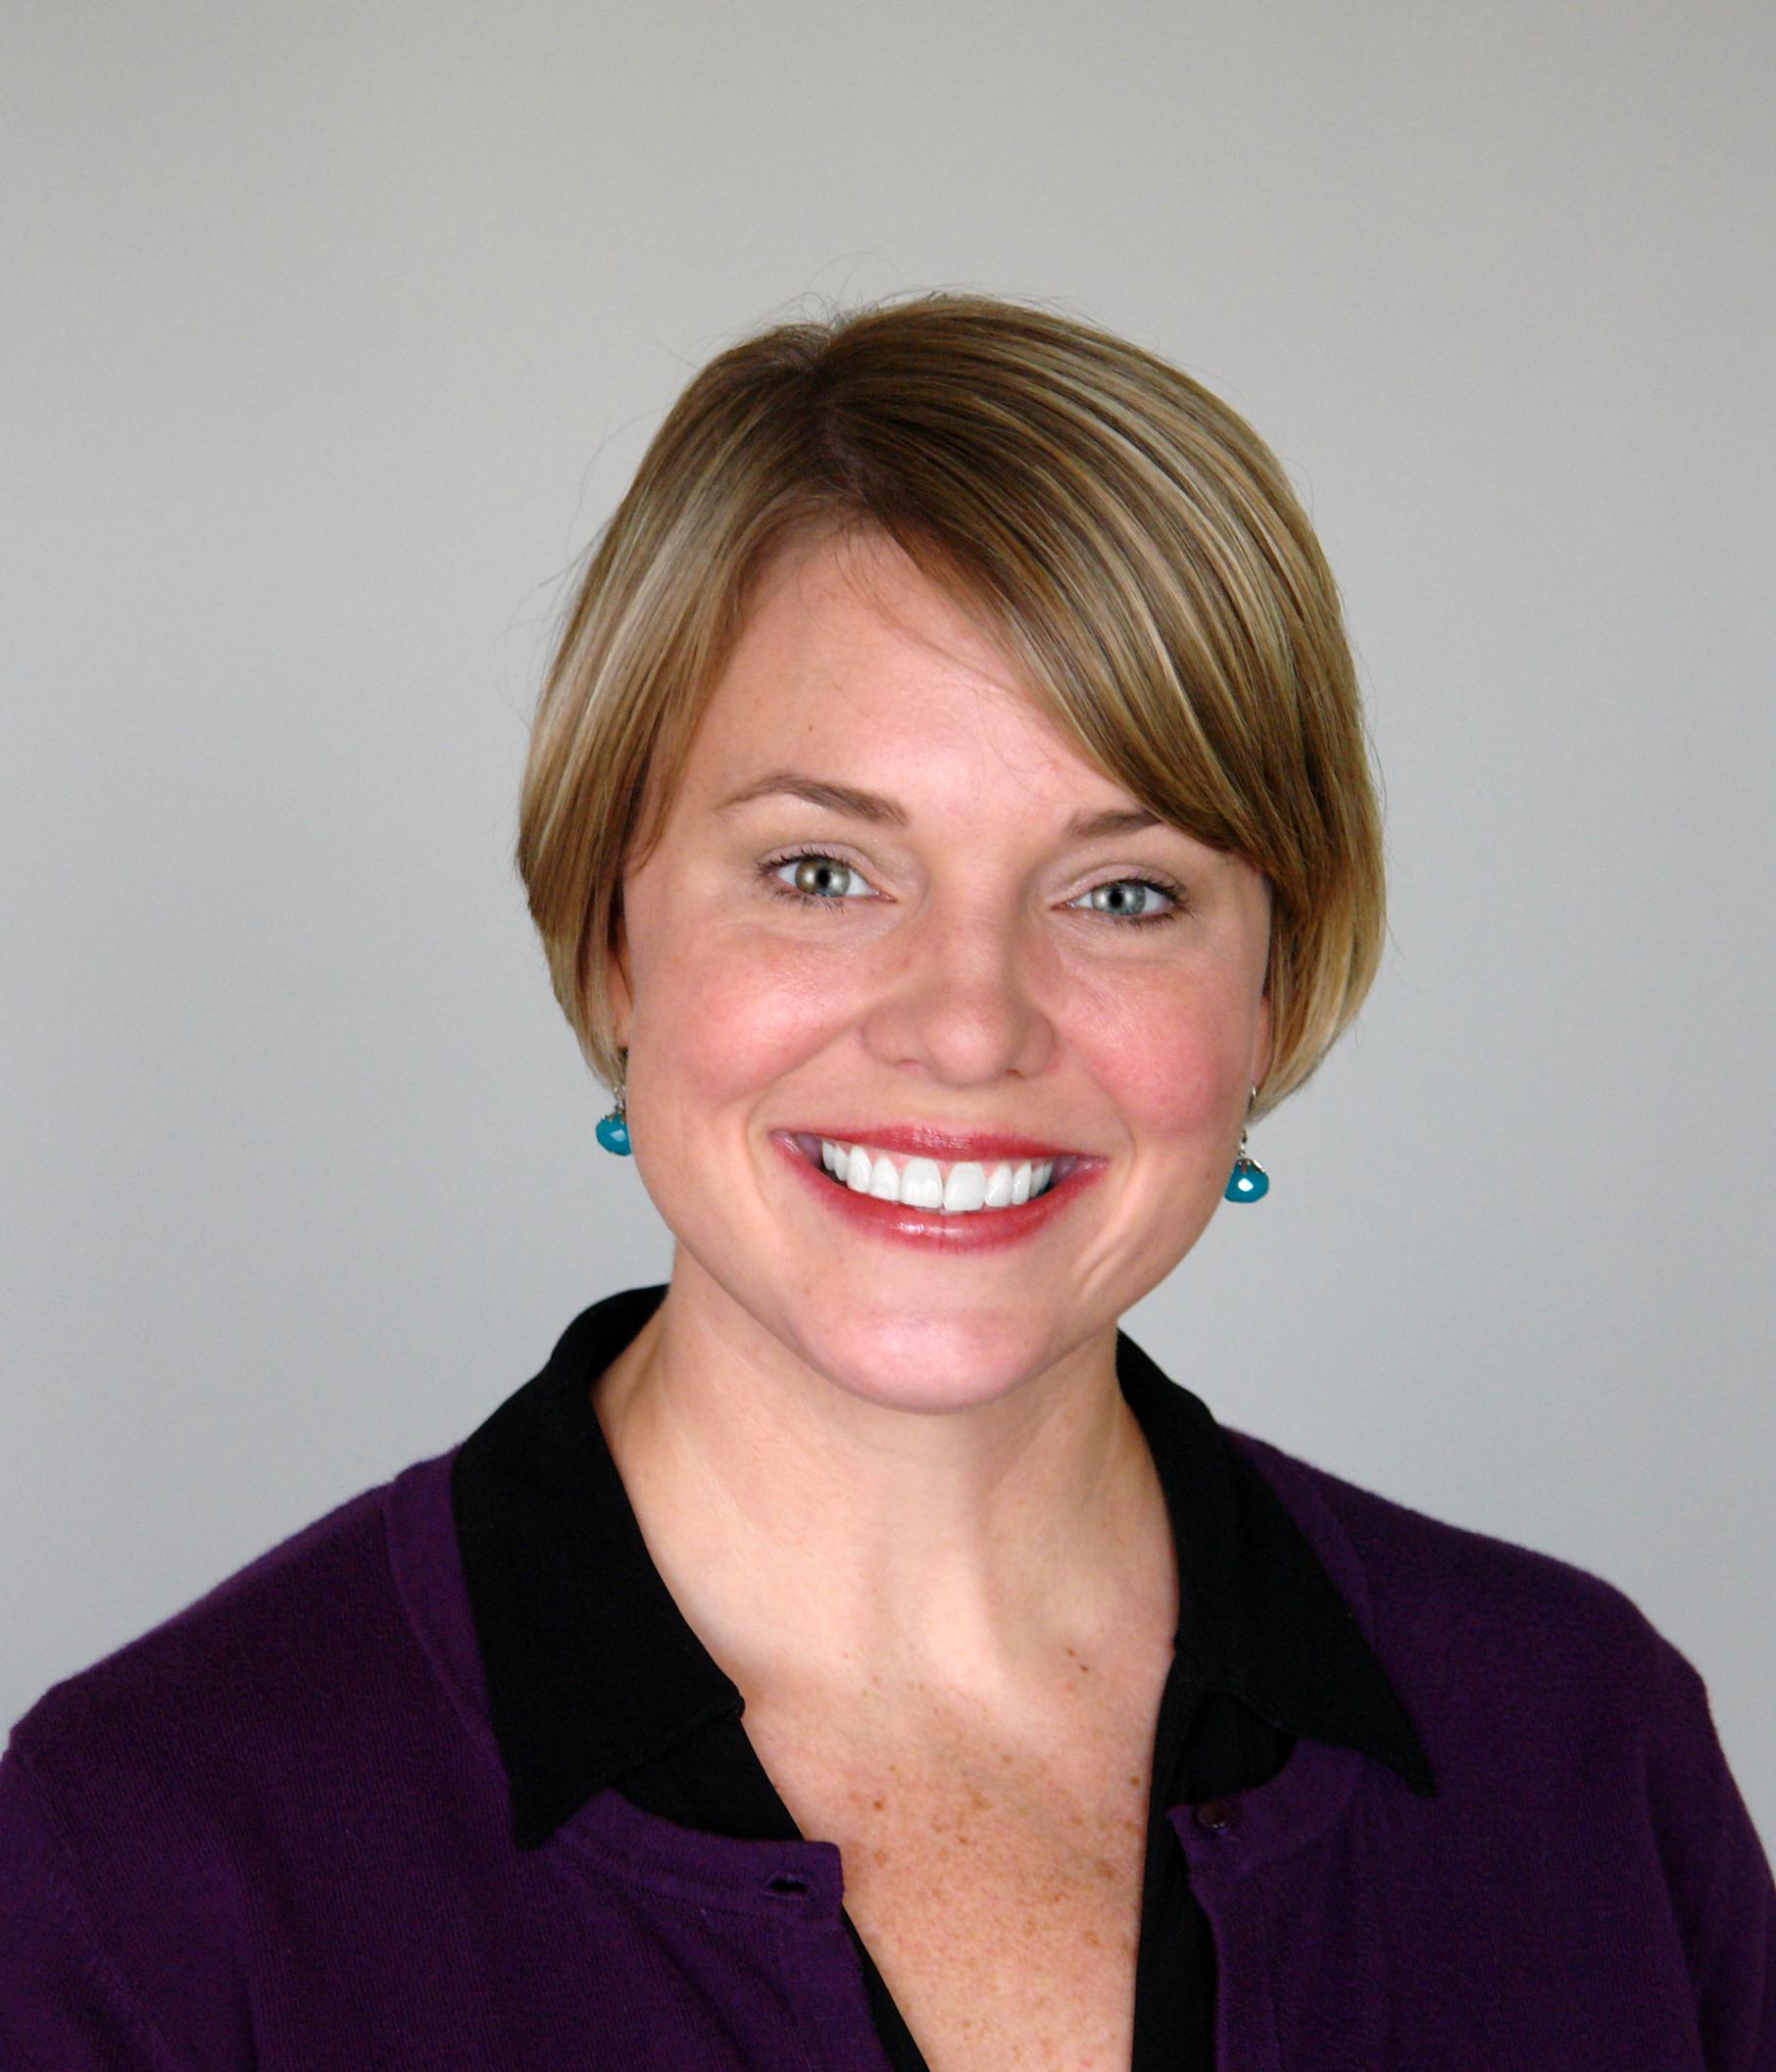 Tara Letort